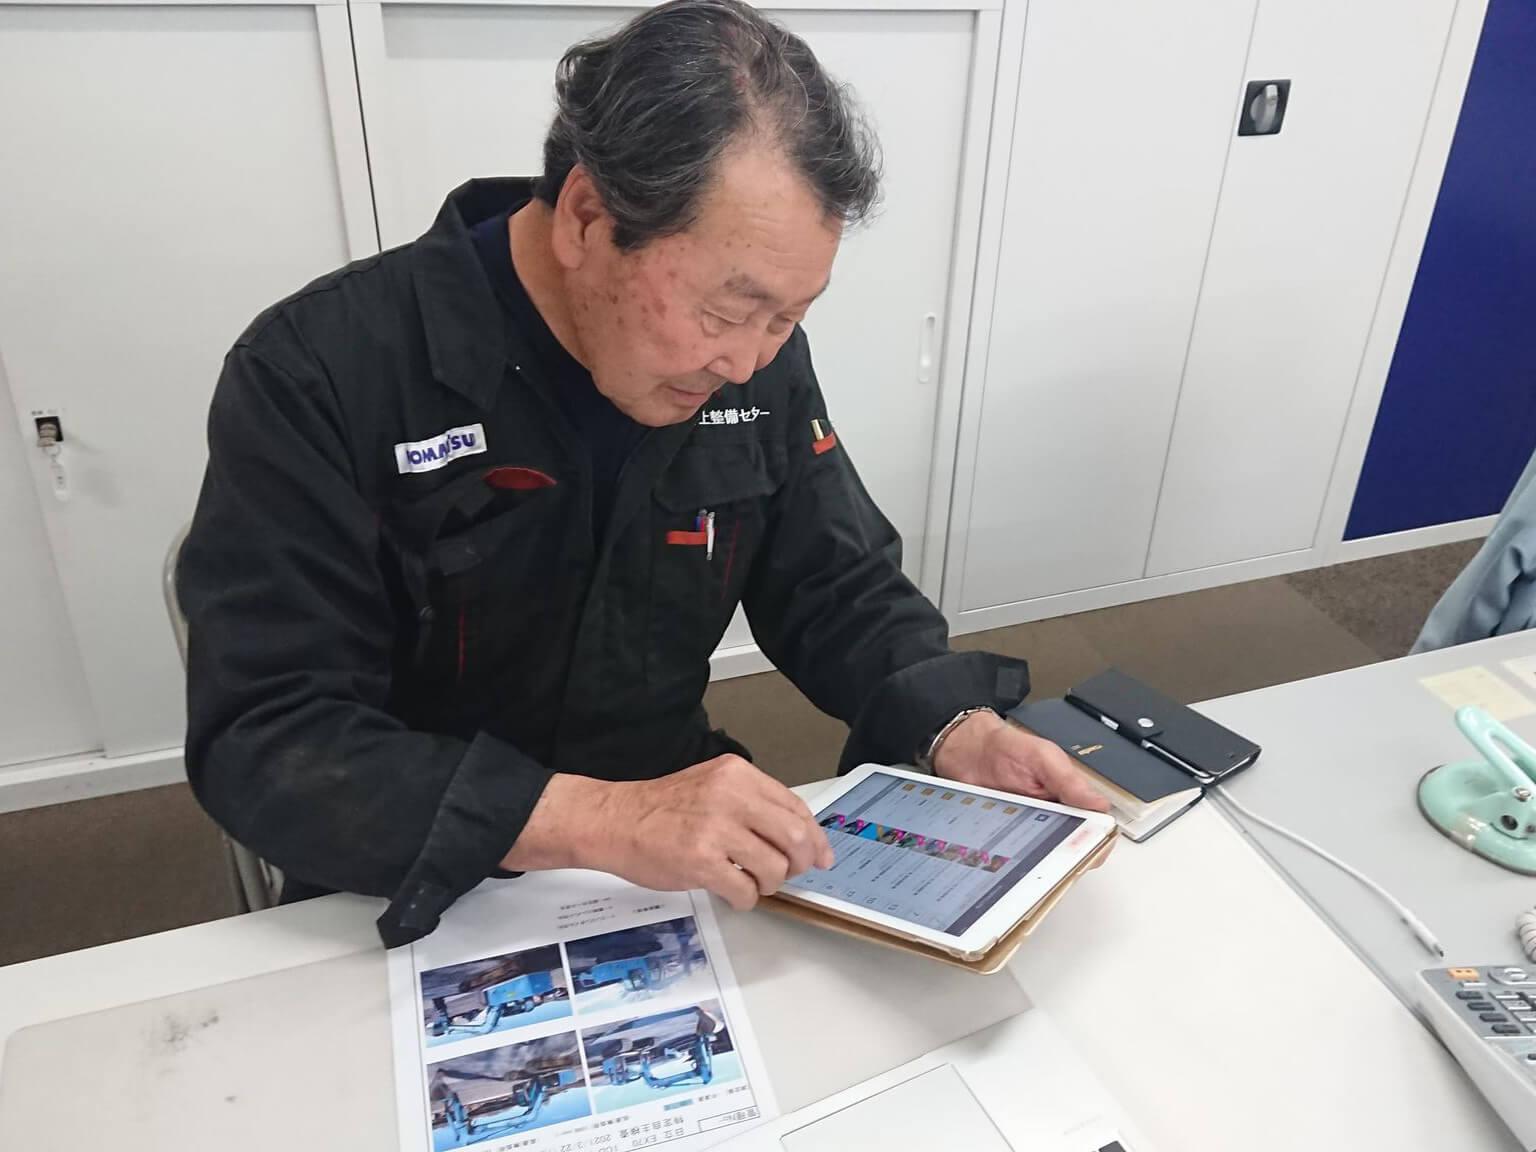 井上整備センターでは73歳の従業員もTeachme Bizを活用している画像